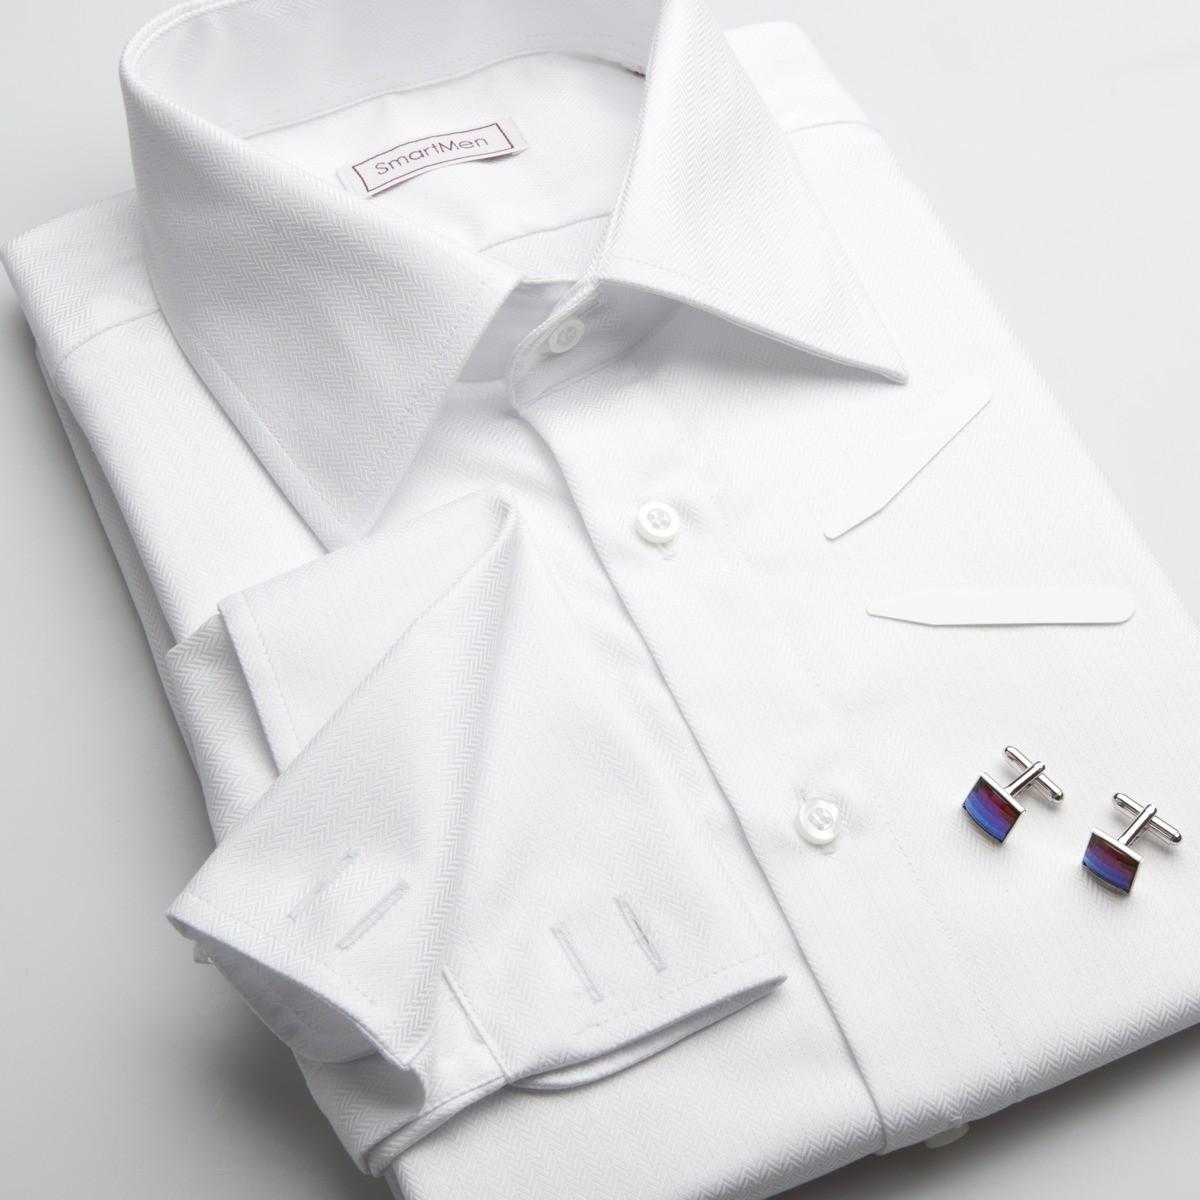 b67f4f8776ab Pánska luxusná košeľa biela s manžetovými gombíkmi